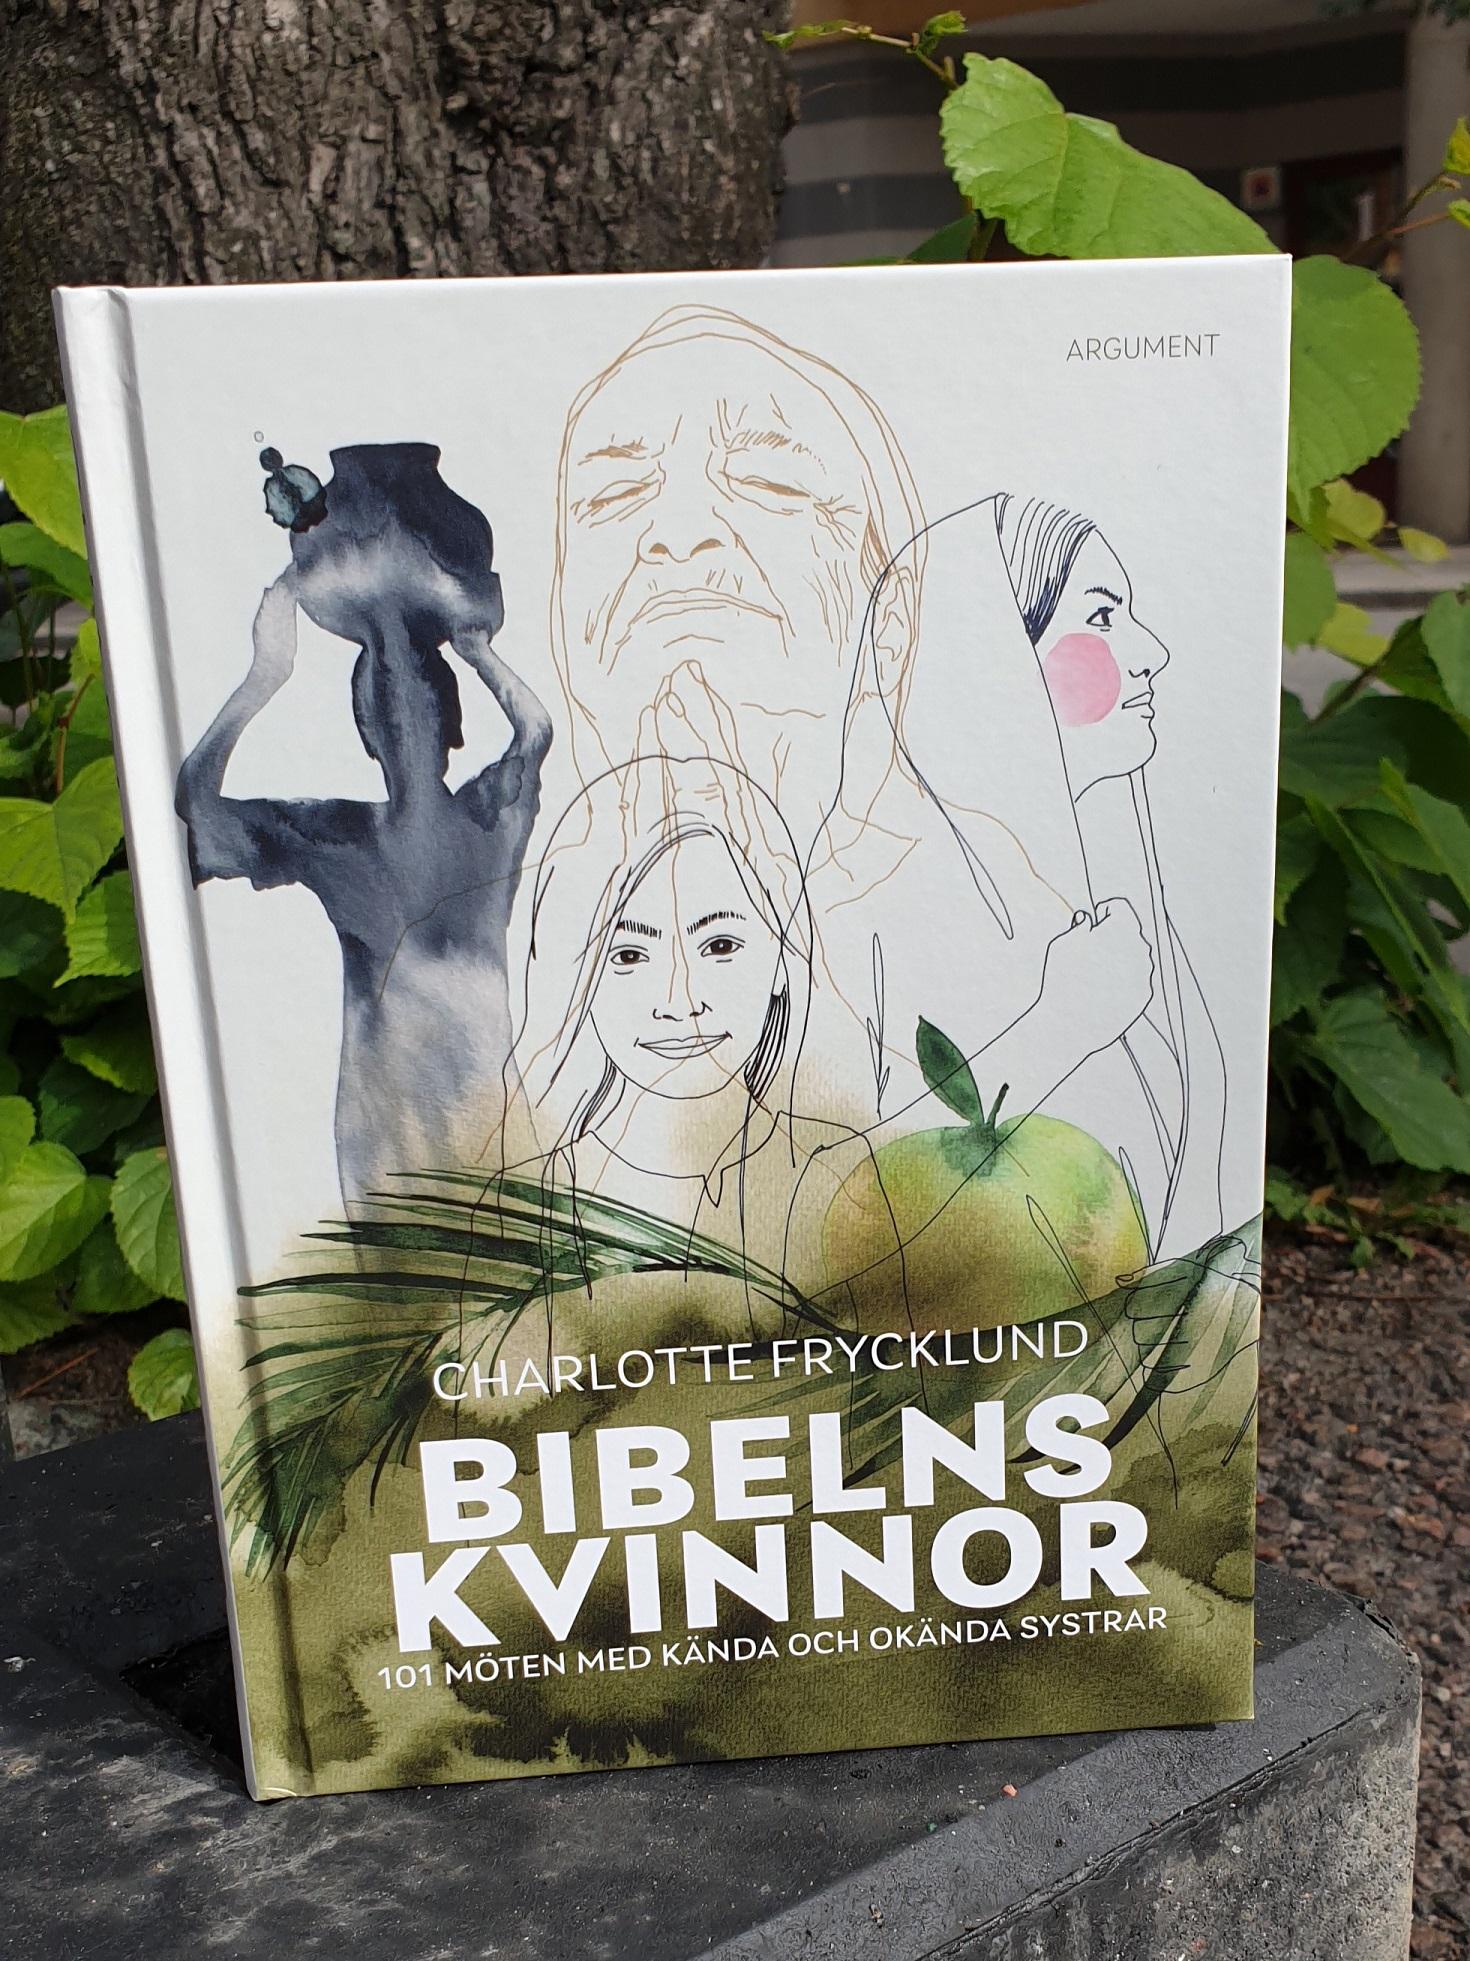 Bibelns kvinnor artikelnummer 2544 via bibelbutiken.se